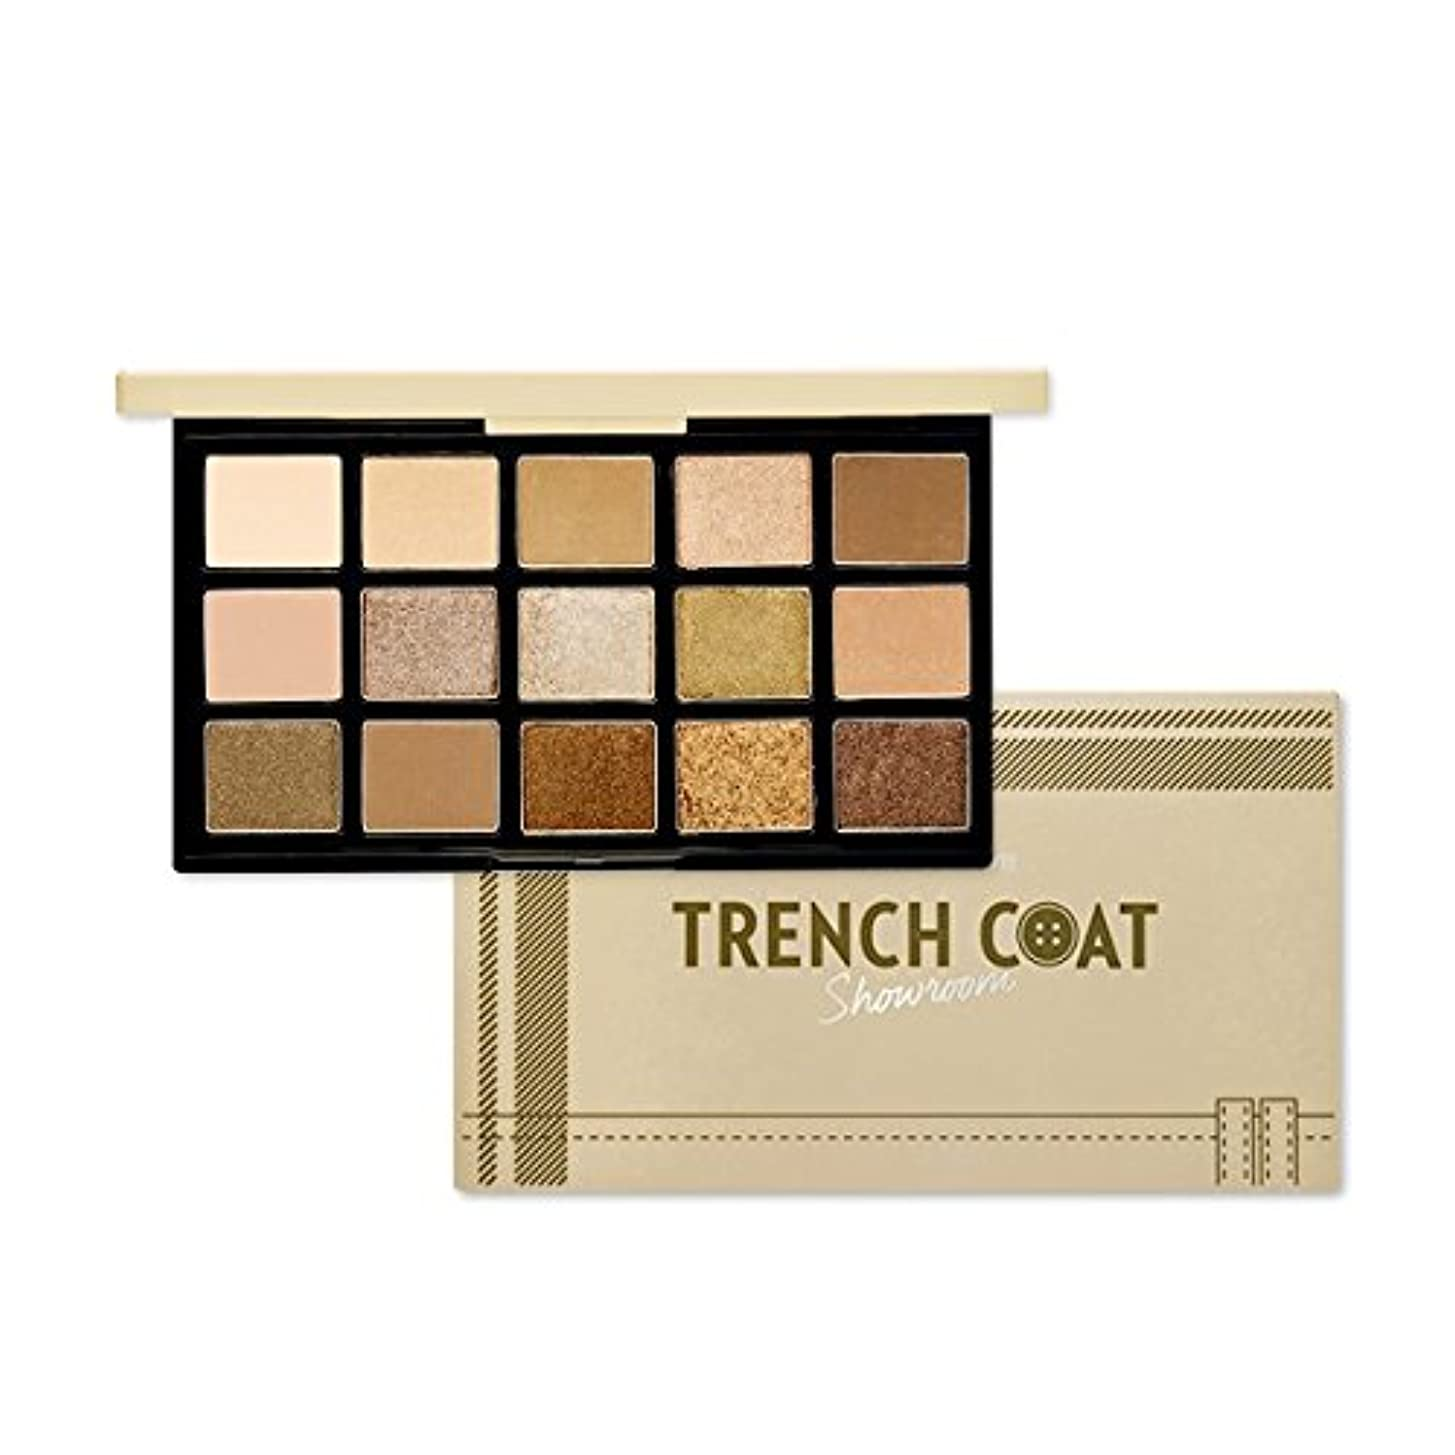 ピグマリオンヒュームジレンマETUDE HOUSE Play Color Eye Palette - Trench coat Showroom/エチュードハウスプレイカラーアイパレット - トレンチコートショールーム [並行輸入品]